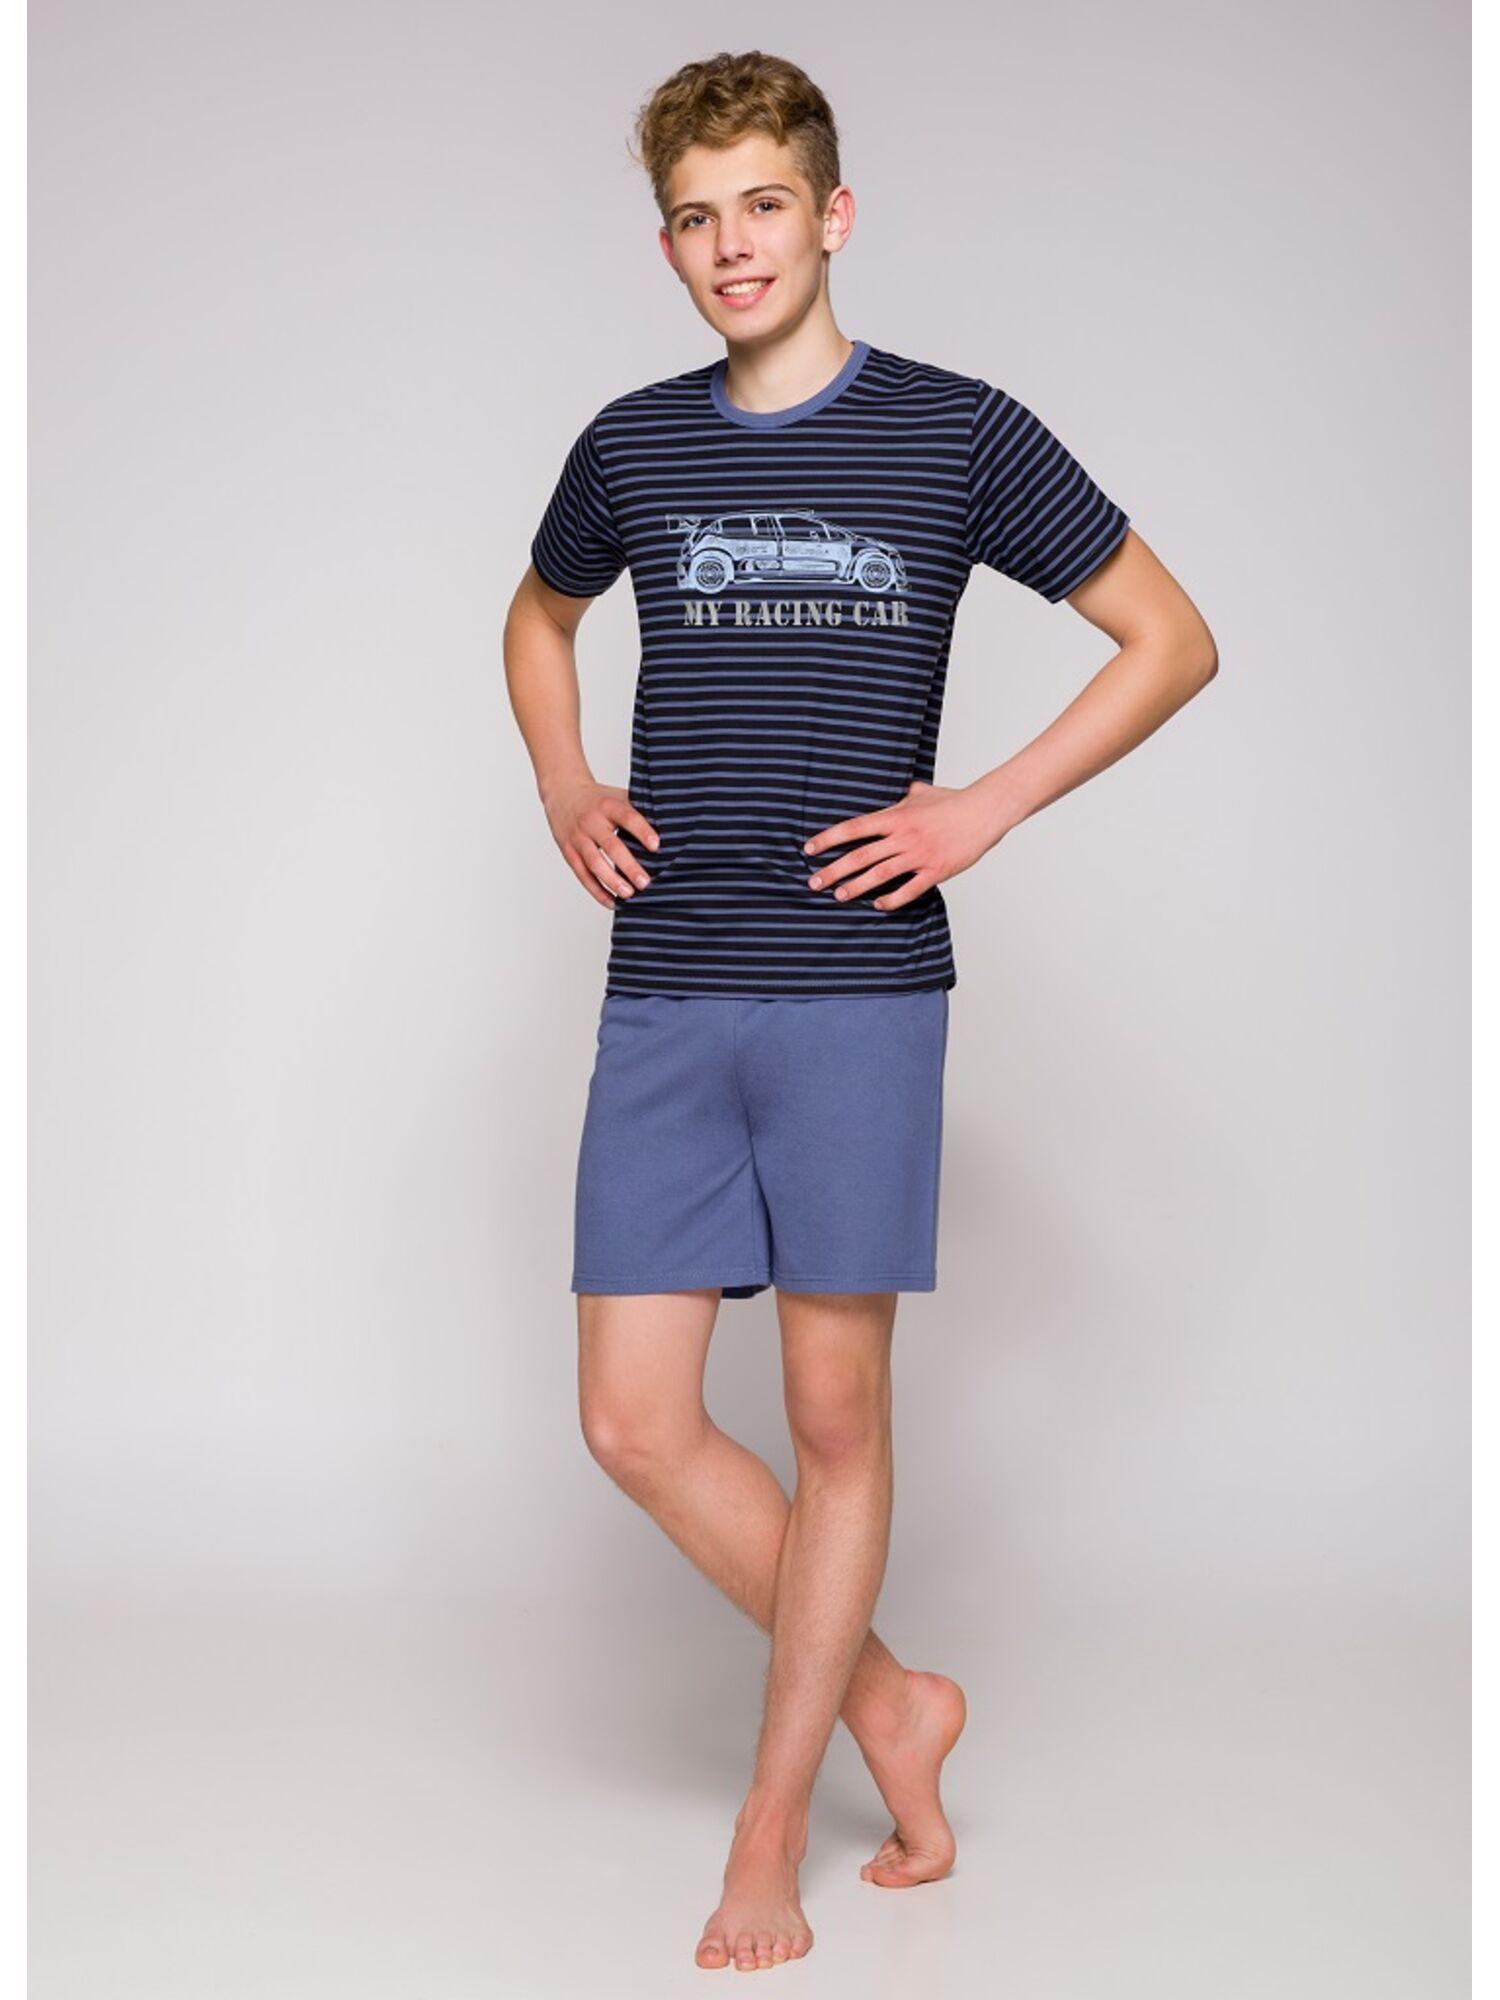 Пижама подростковая 344 19 Max синий